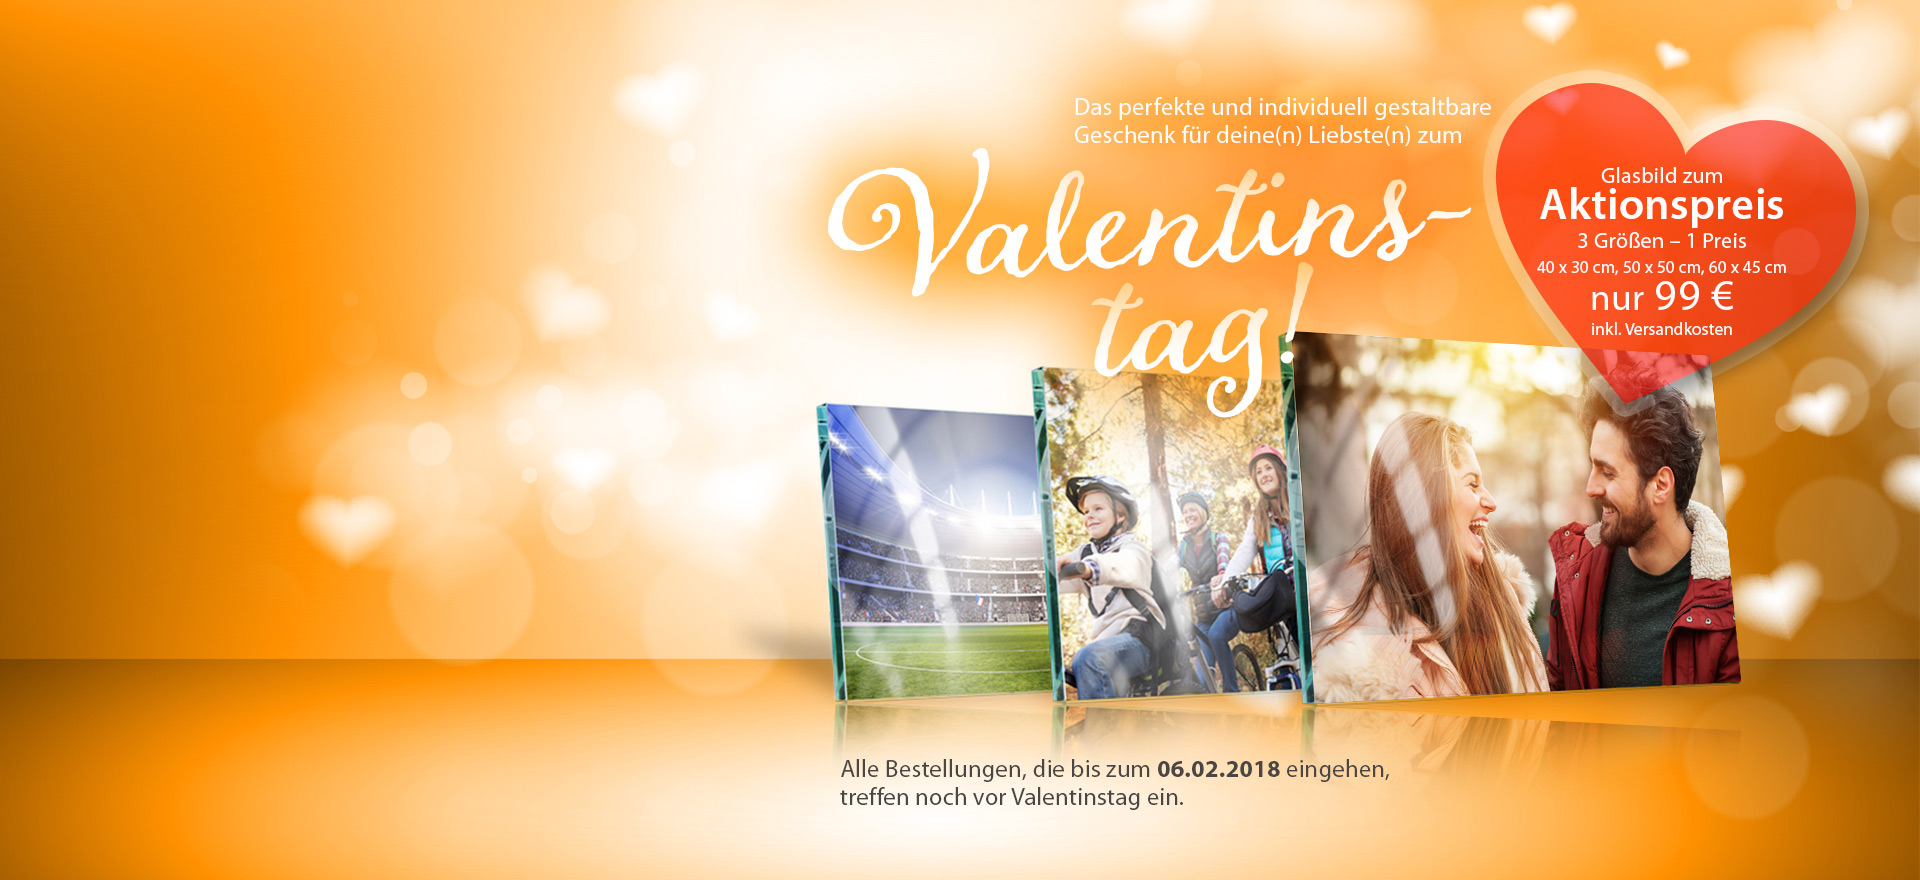 Glasbild als Geschenk zum Valentinstag online bestellen